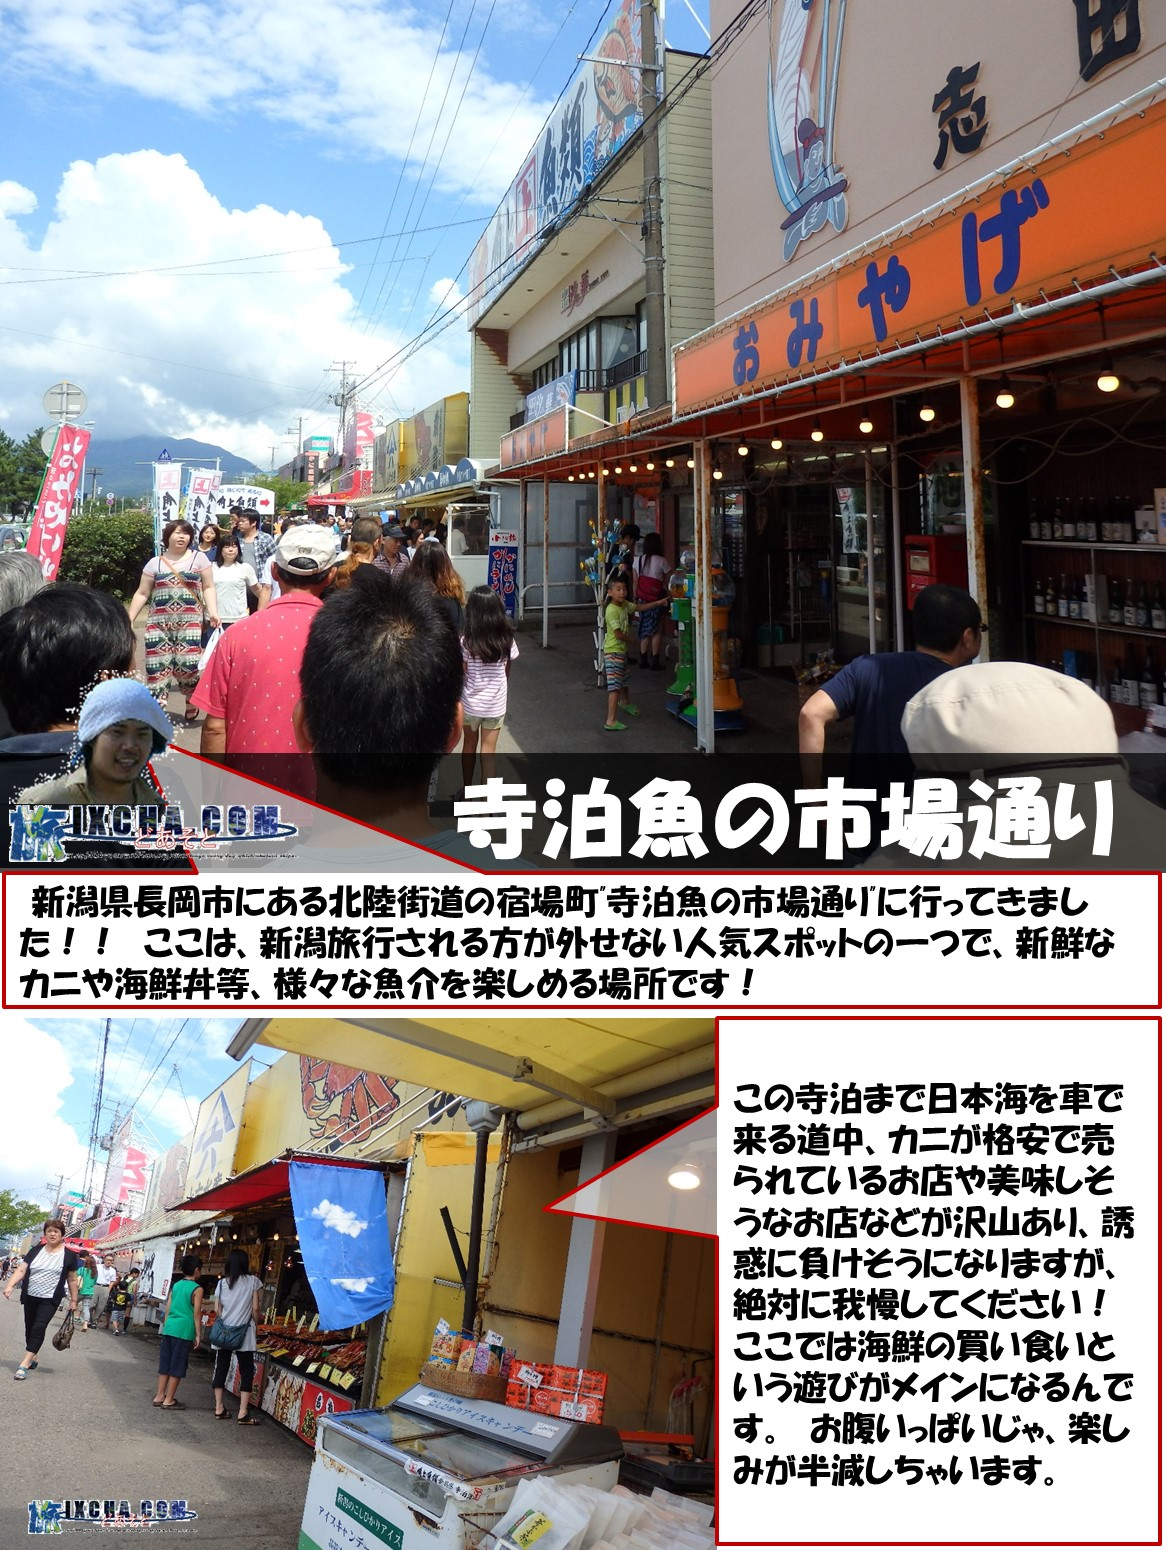 """寺泊魚の市場通り  新潟県長岡市にある北陸街道の宿場町""""寺泊魚の市場通り""""に行ってきました!! ここは、新潟旅行される方が外せない人気スポットの一つで、新鮮なカニや海鮮丼等、様々な魚介を楽しめる場所です! この寺泊まで日本海を車で来る道中、カニが格安で売られているお店や美味しそうなお店などが沢山あり、誘惑に負けそうになりますが、絶対に我慢してください!ここでは海鮮の買い食いという遊びがメインになるんです。 お腹いっぱいじゃ、楽しみが半減しちゃいます。"""